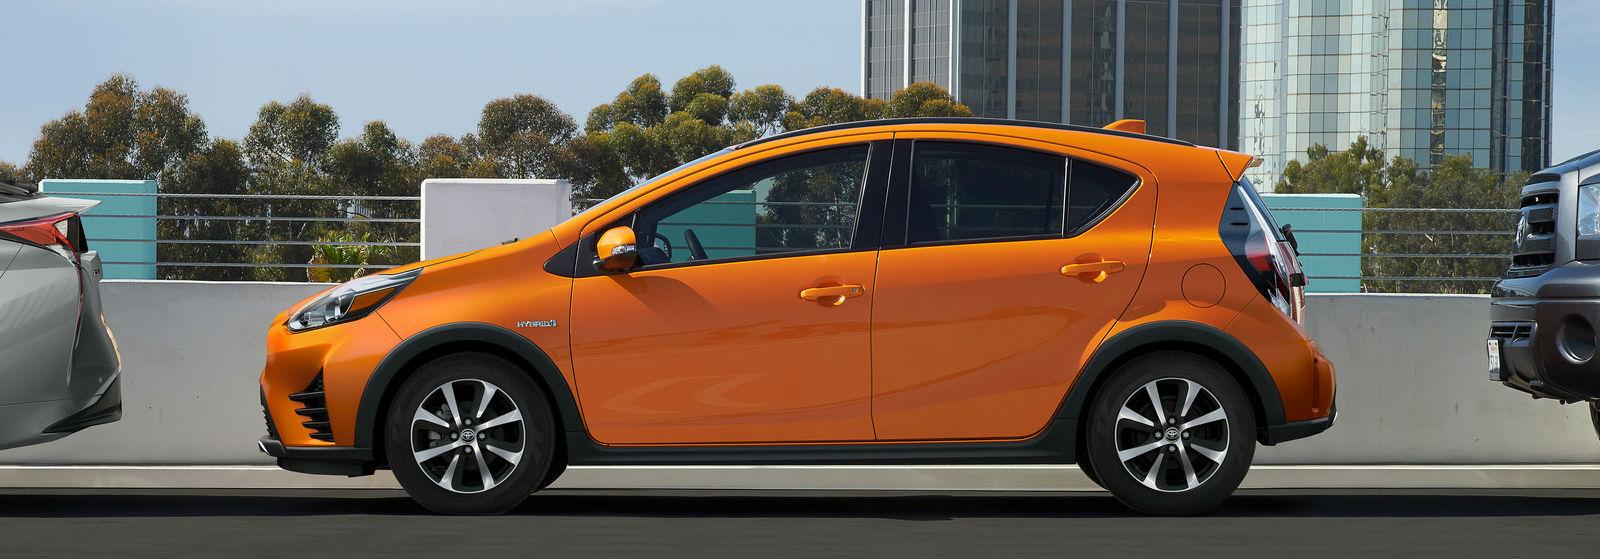 2019 Toyota Prius C - Gilroy, CA